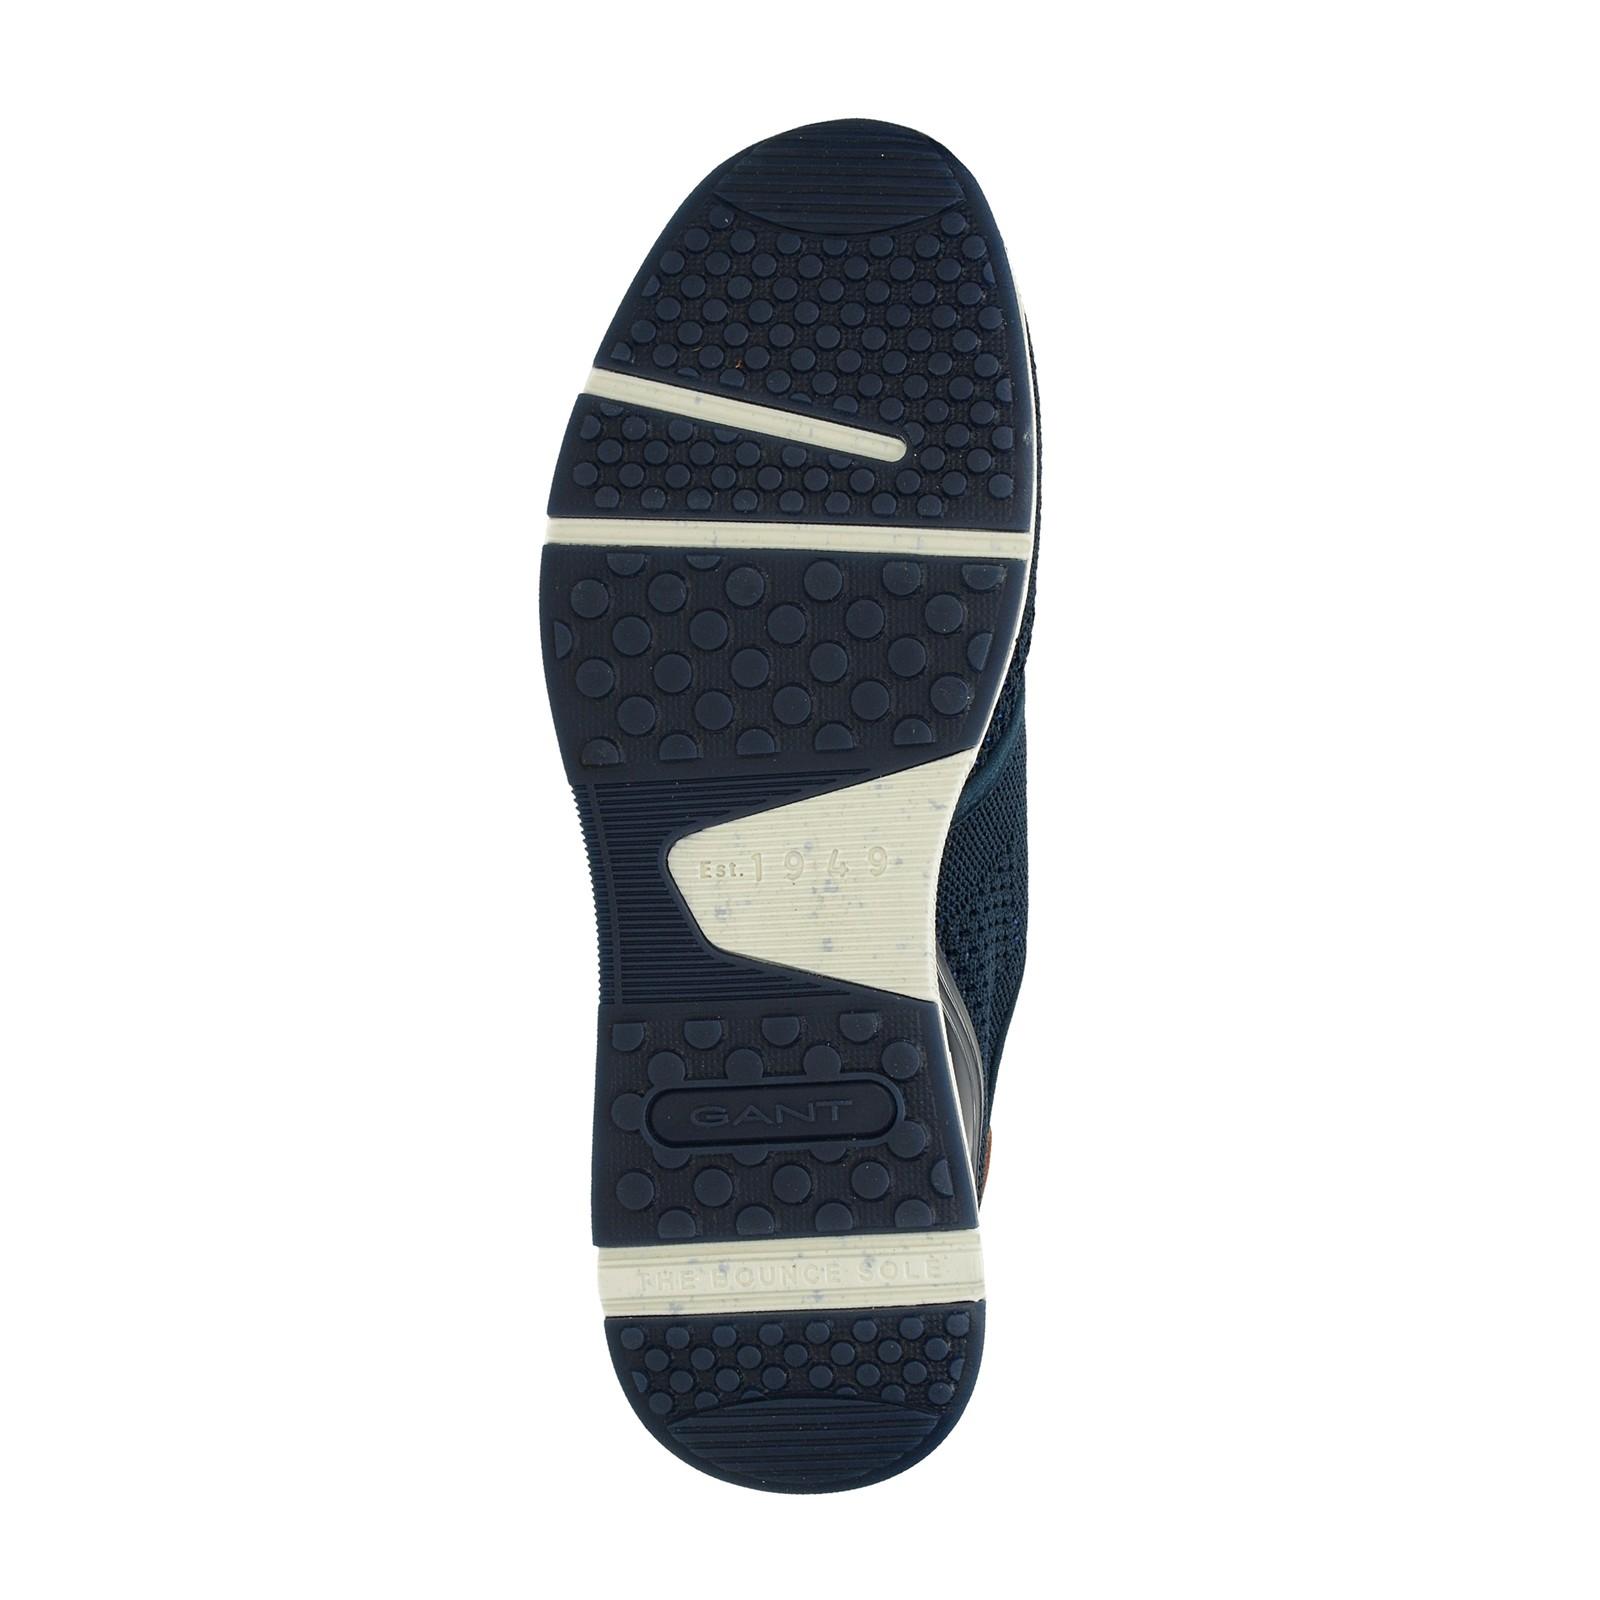 Gant pánske textilné tenisky - tmavomodré